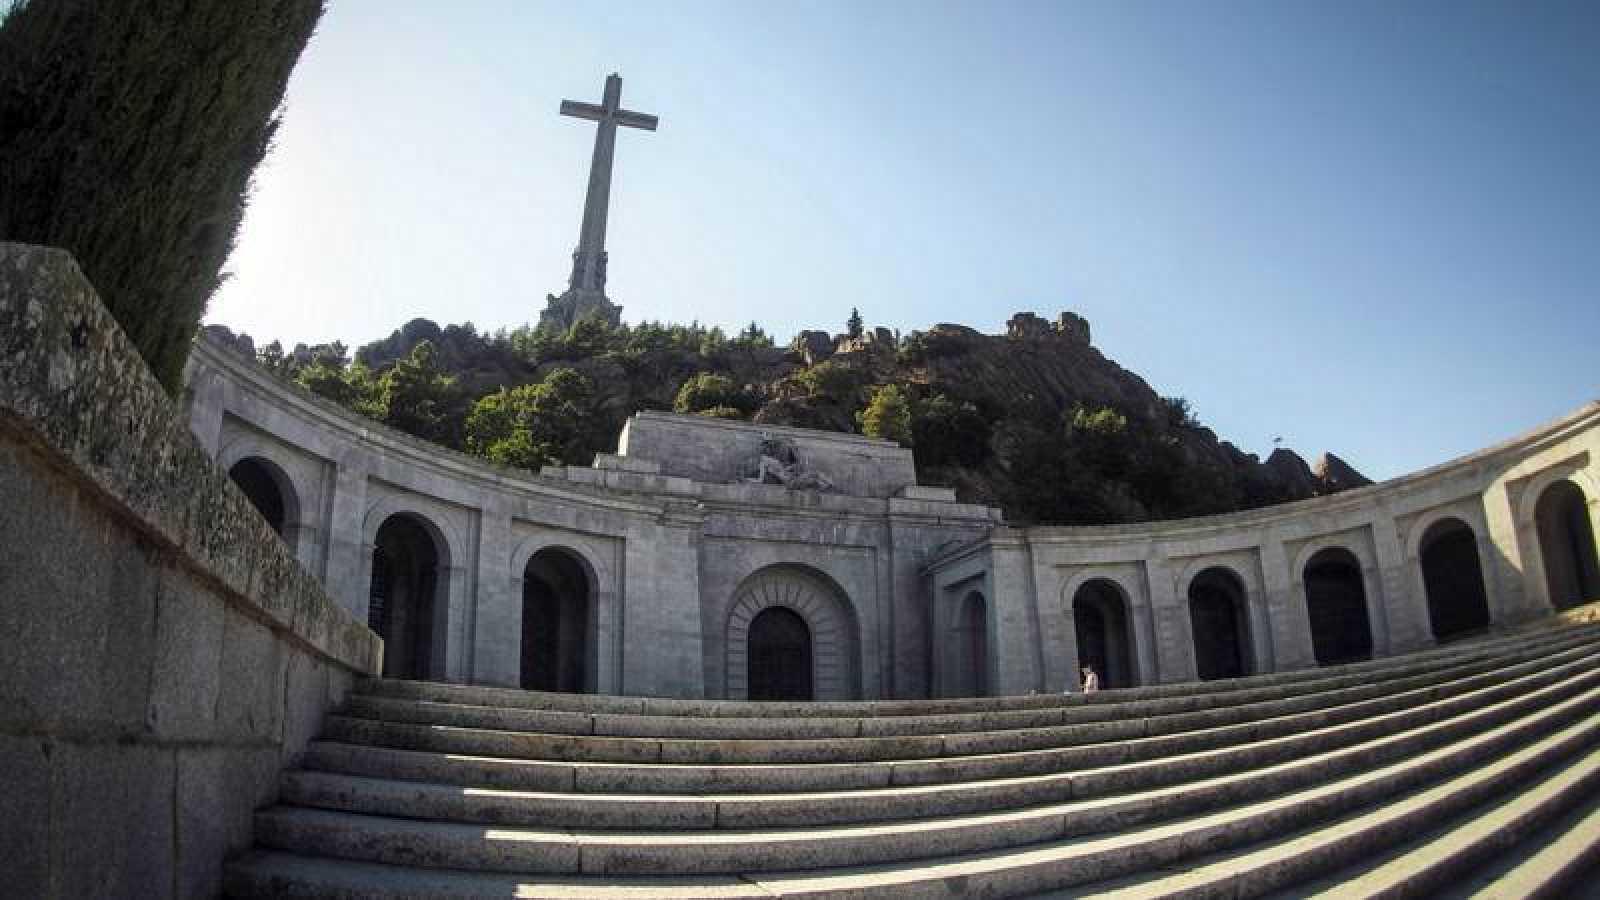 Vista de la fachada principal de la basílica del Valle de los Caídos, con la cruz al fondo